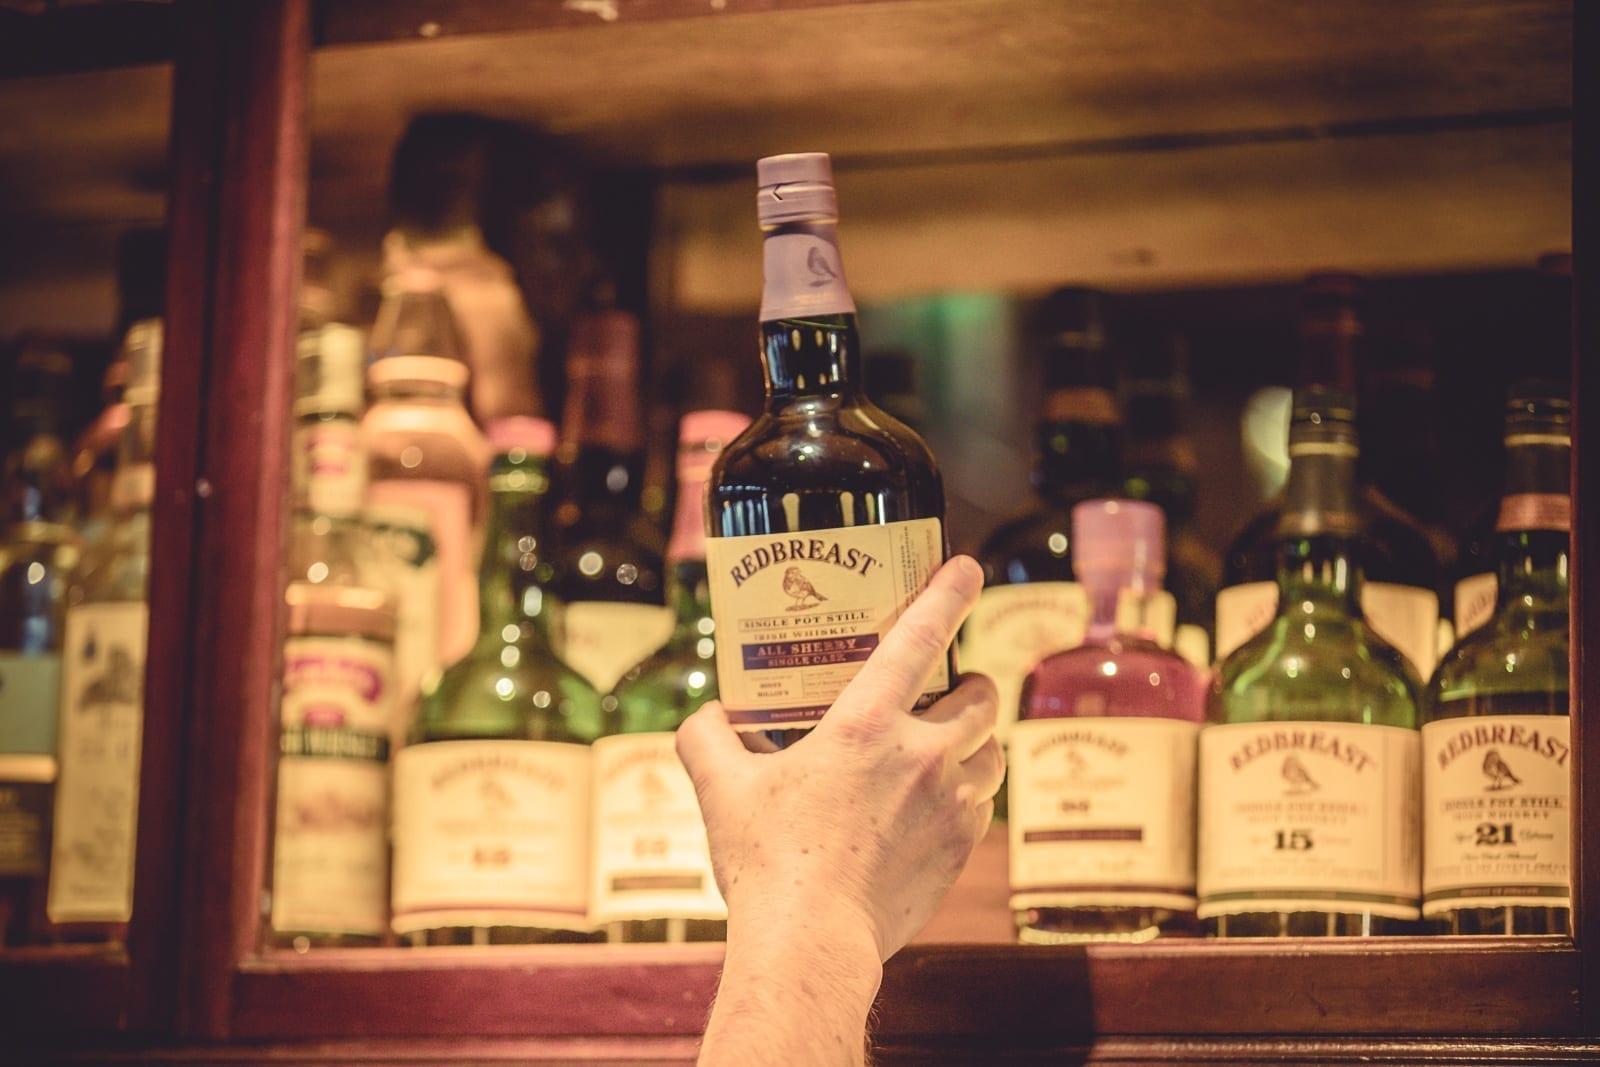 Sonny Molloy's Redbreast 16 Review by Irish Whiskey Blogger Stuart McNamara